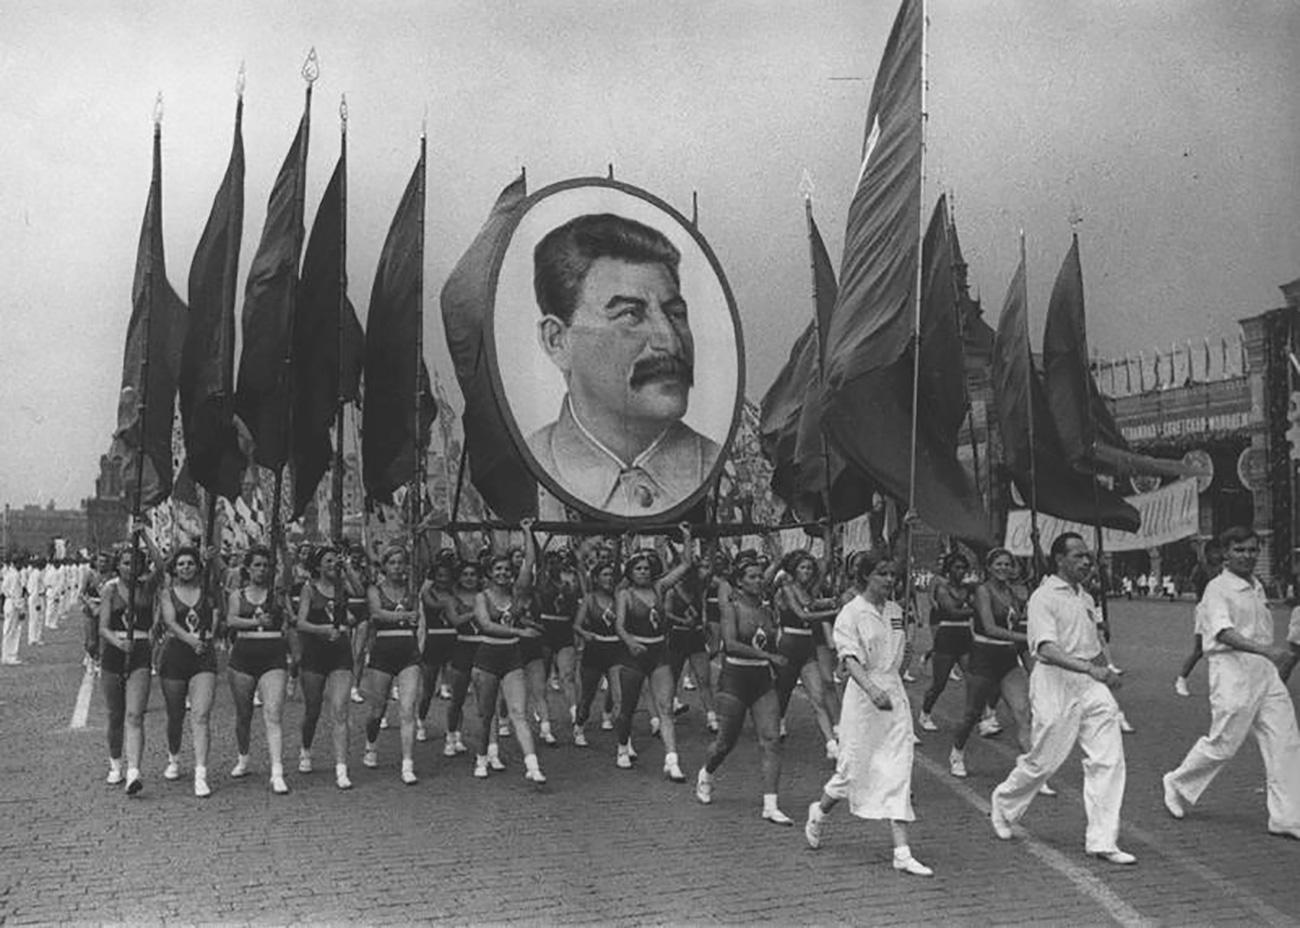 """La maggior parte della propaganda attuata durante le parate promuoveva anche l'immagine del leader, presente a ogni evento. Durante la Parata degli atleti del 1935 Stalin venne ribattezzato """"il miglior amico dei pionieri"""" e nel 1936 nacque un nuovo motto: """"Grazie, compagno Stalin, per la nostra infanzia felice"""""""